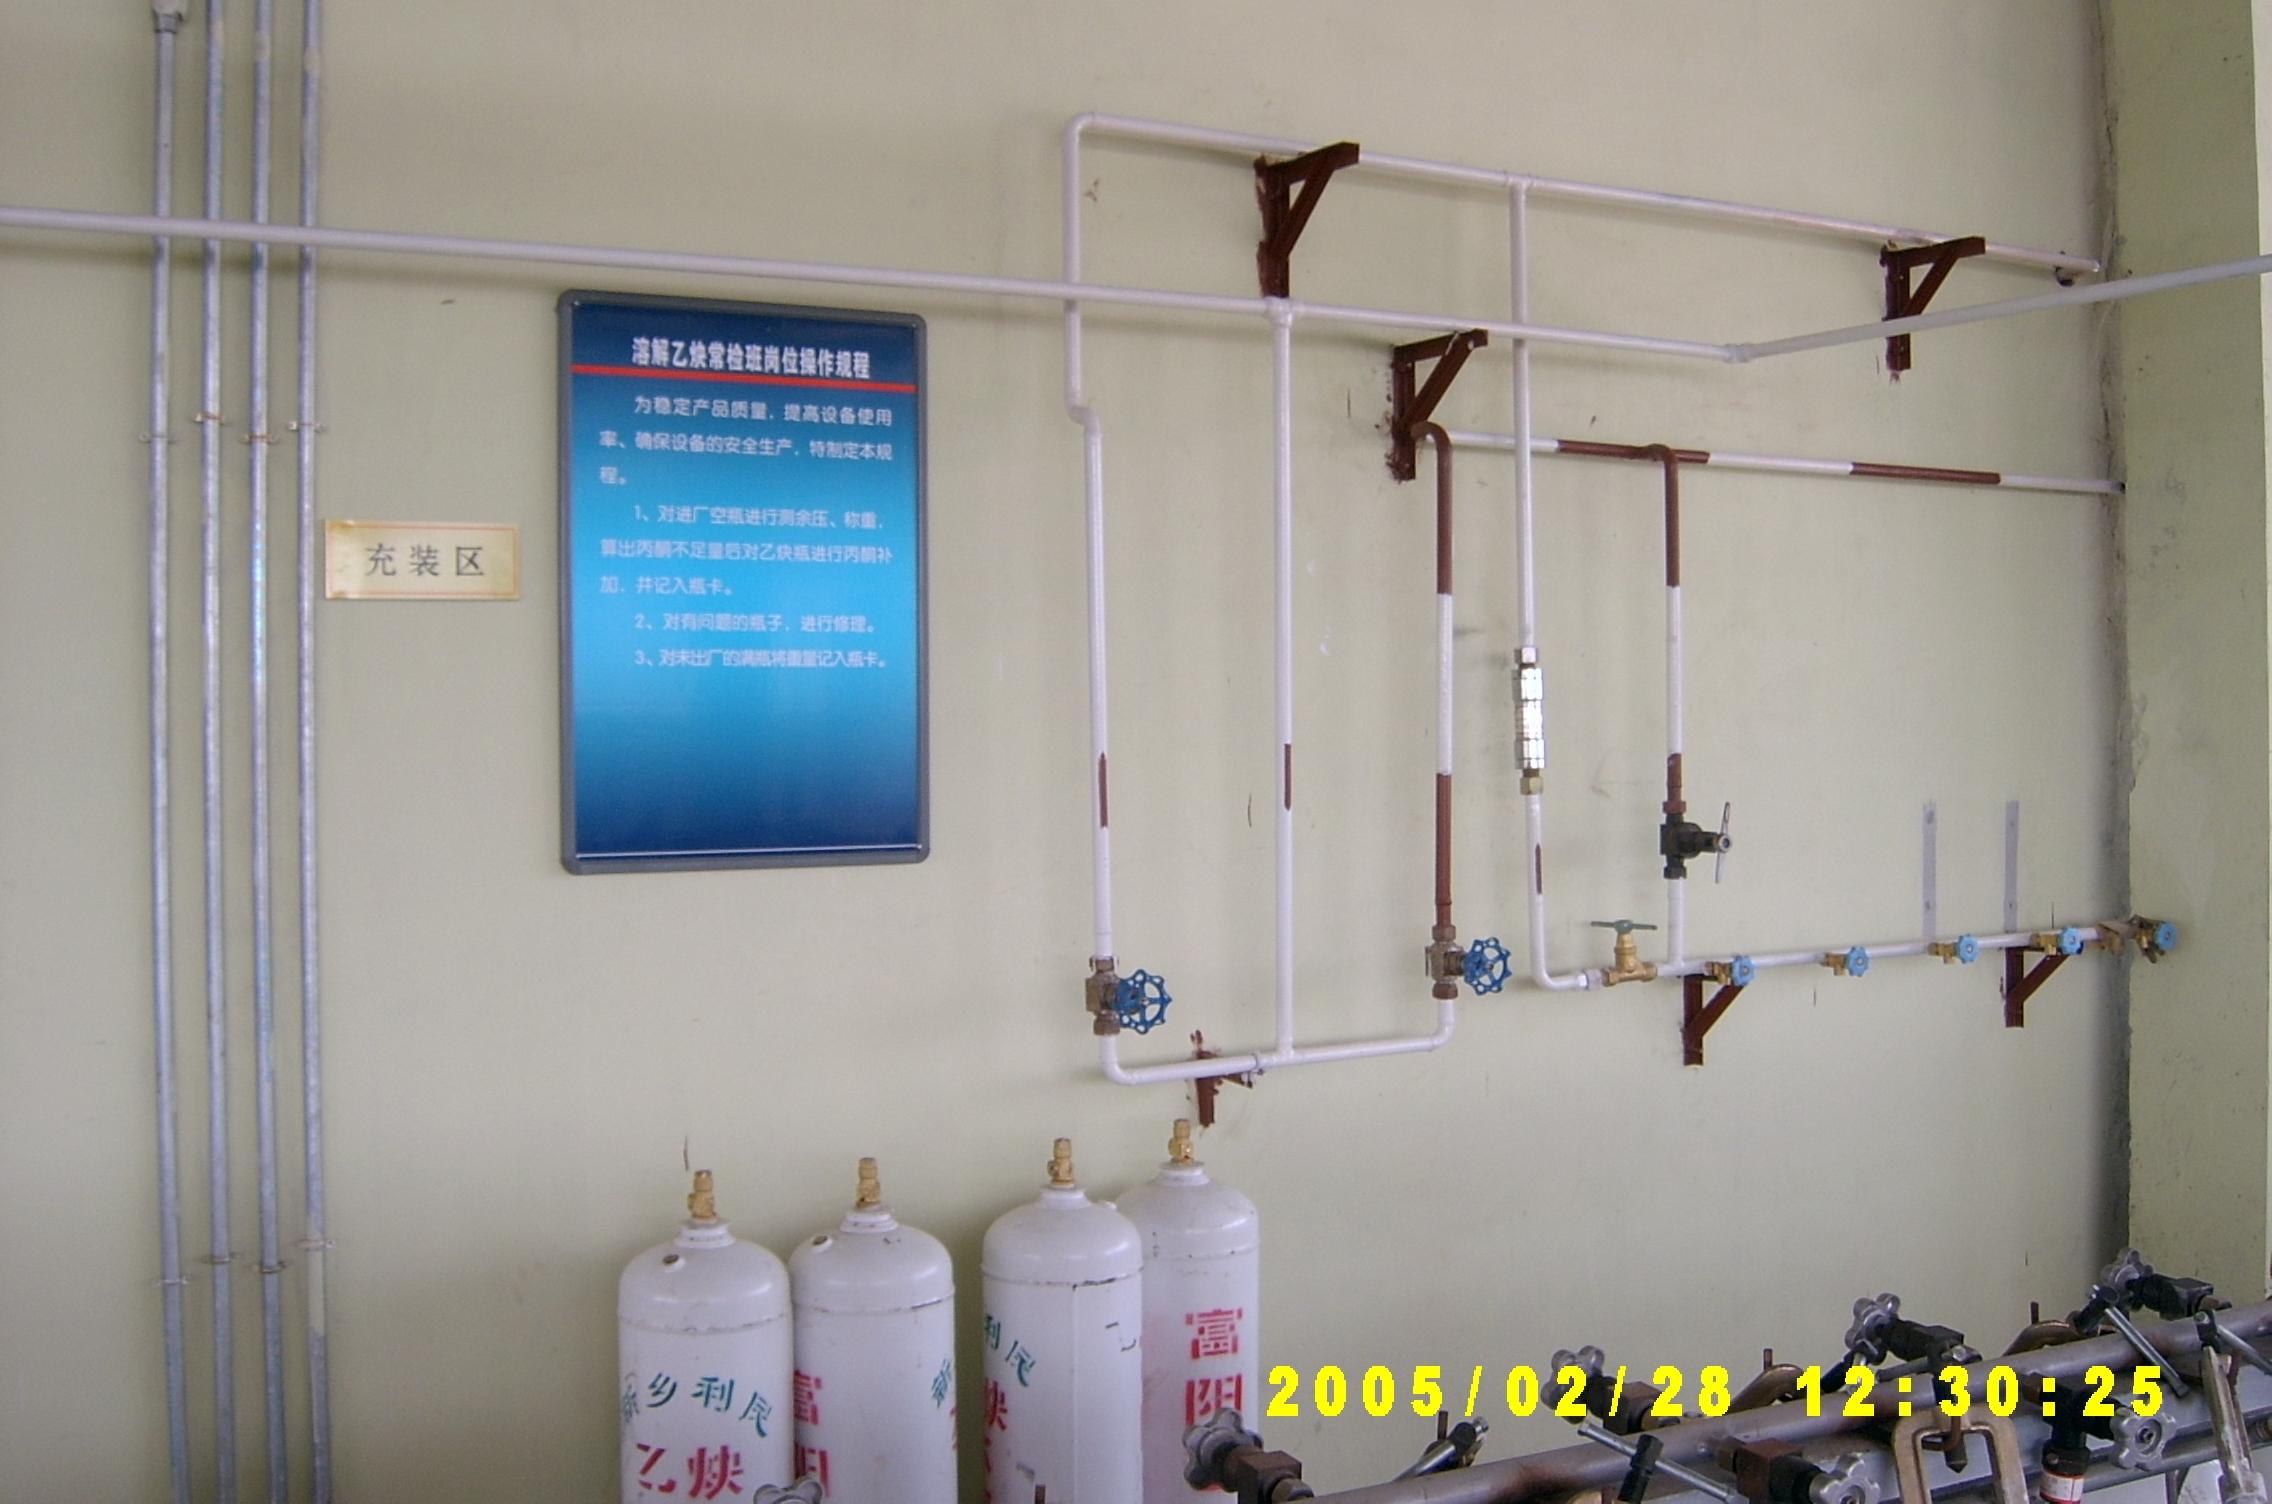 乙炔气柜生产 产品特性:公司可以设计、制造8-2000m的乙炔湿式气柜。 杭州三泰工业气体设备有限公司是一家从事气体设备的设计、开发、生产、销售、技术 服务及溶解乙炔气生产的专业化企业。公司自成立以来已为广大用户提供了40m3/h~240m3/ h各种规格的成套溶解乙炔设备及120m3/h~2000m3/h的化工生产用乙炔设备。其中我公司自 行开发设计的(乙炔发生器、乙炔干燥器、乙炔净化器、乙炔阻火器)等均通过了省级新产 品科技成果鉴定。 乙炔气柜生产